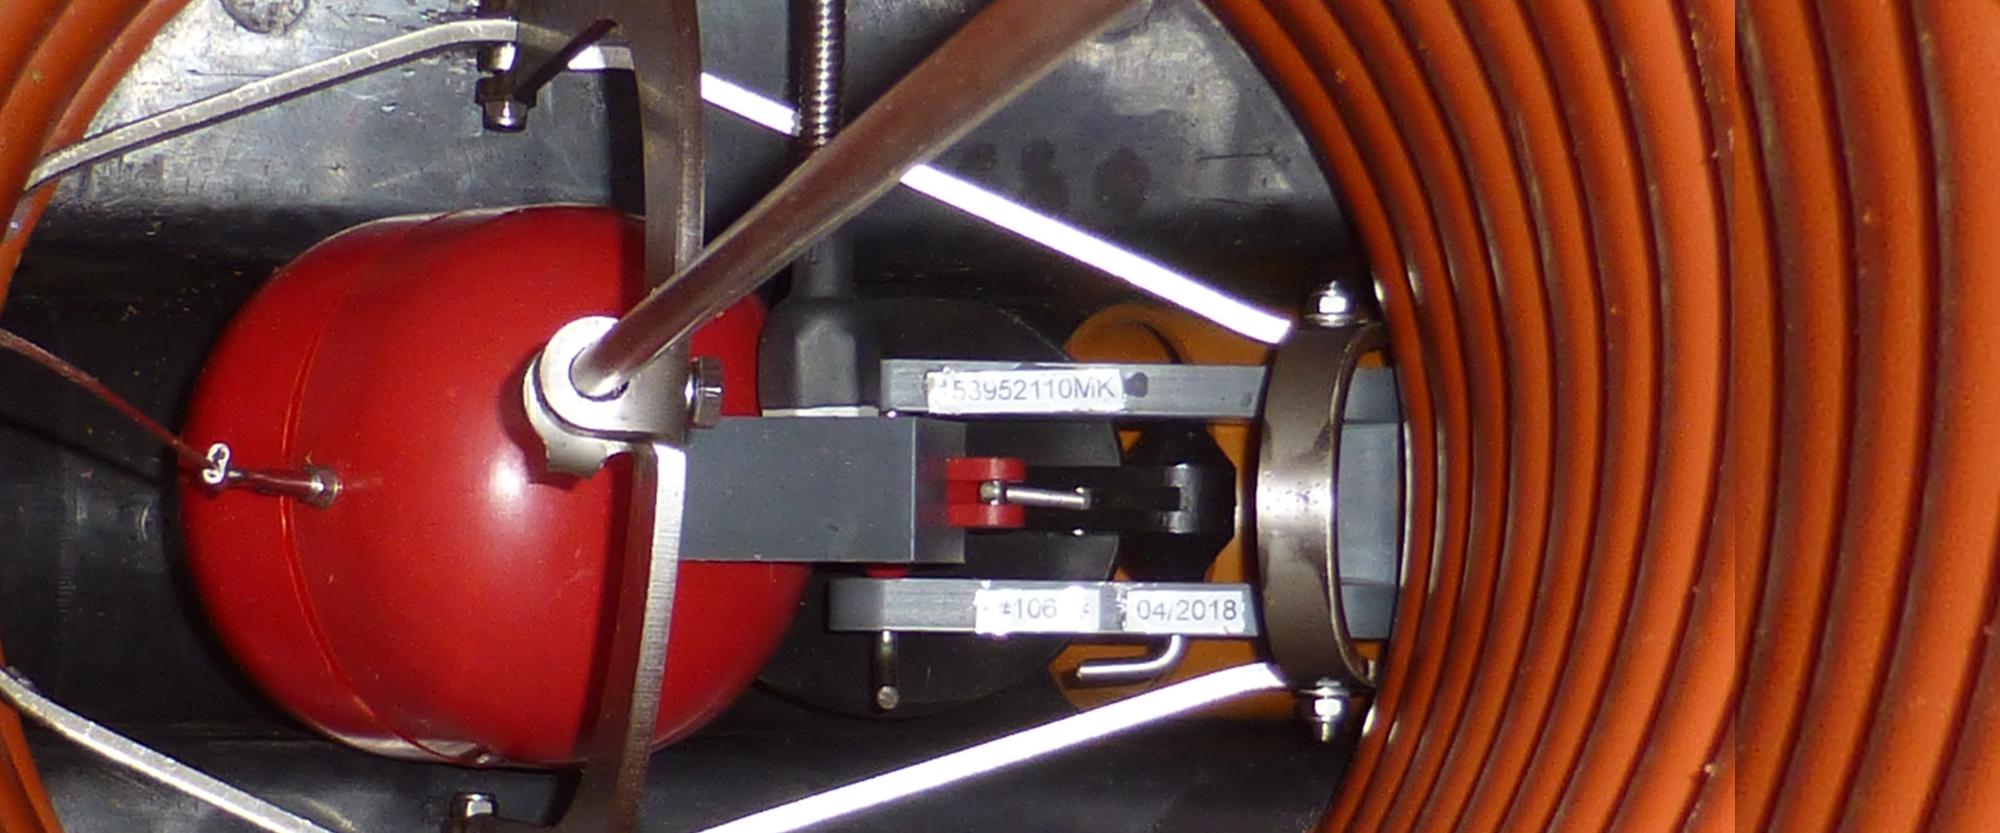 Montagekit til napan højvandslukker